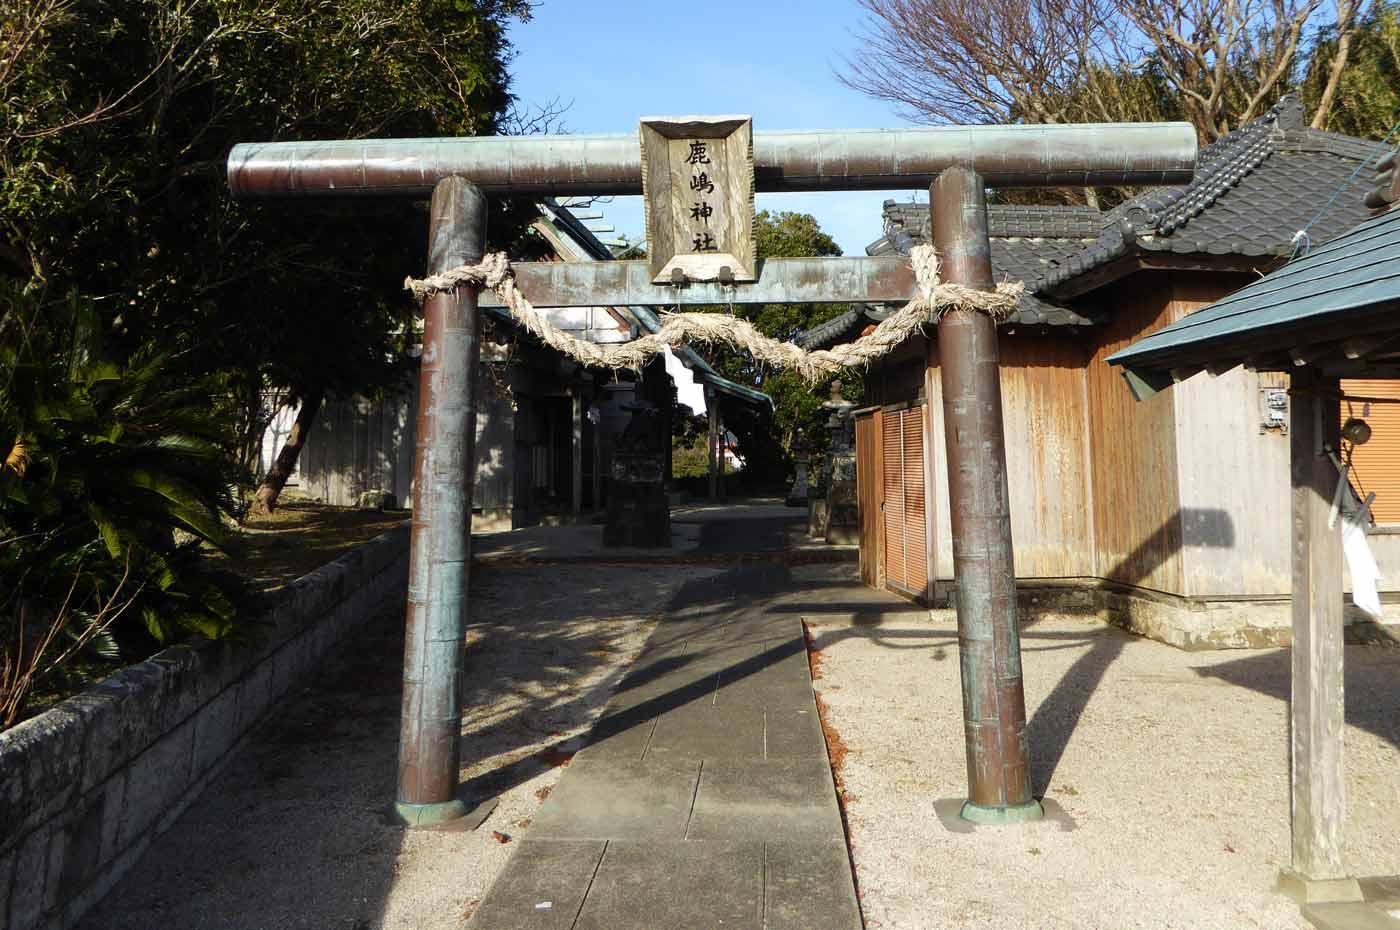 鹿嶋神社の鳥居の写真2